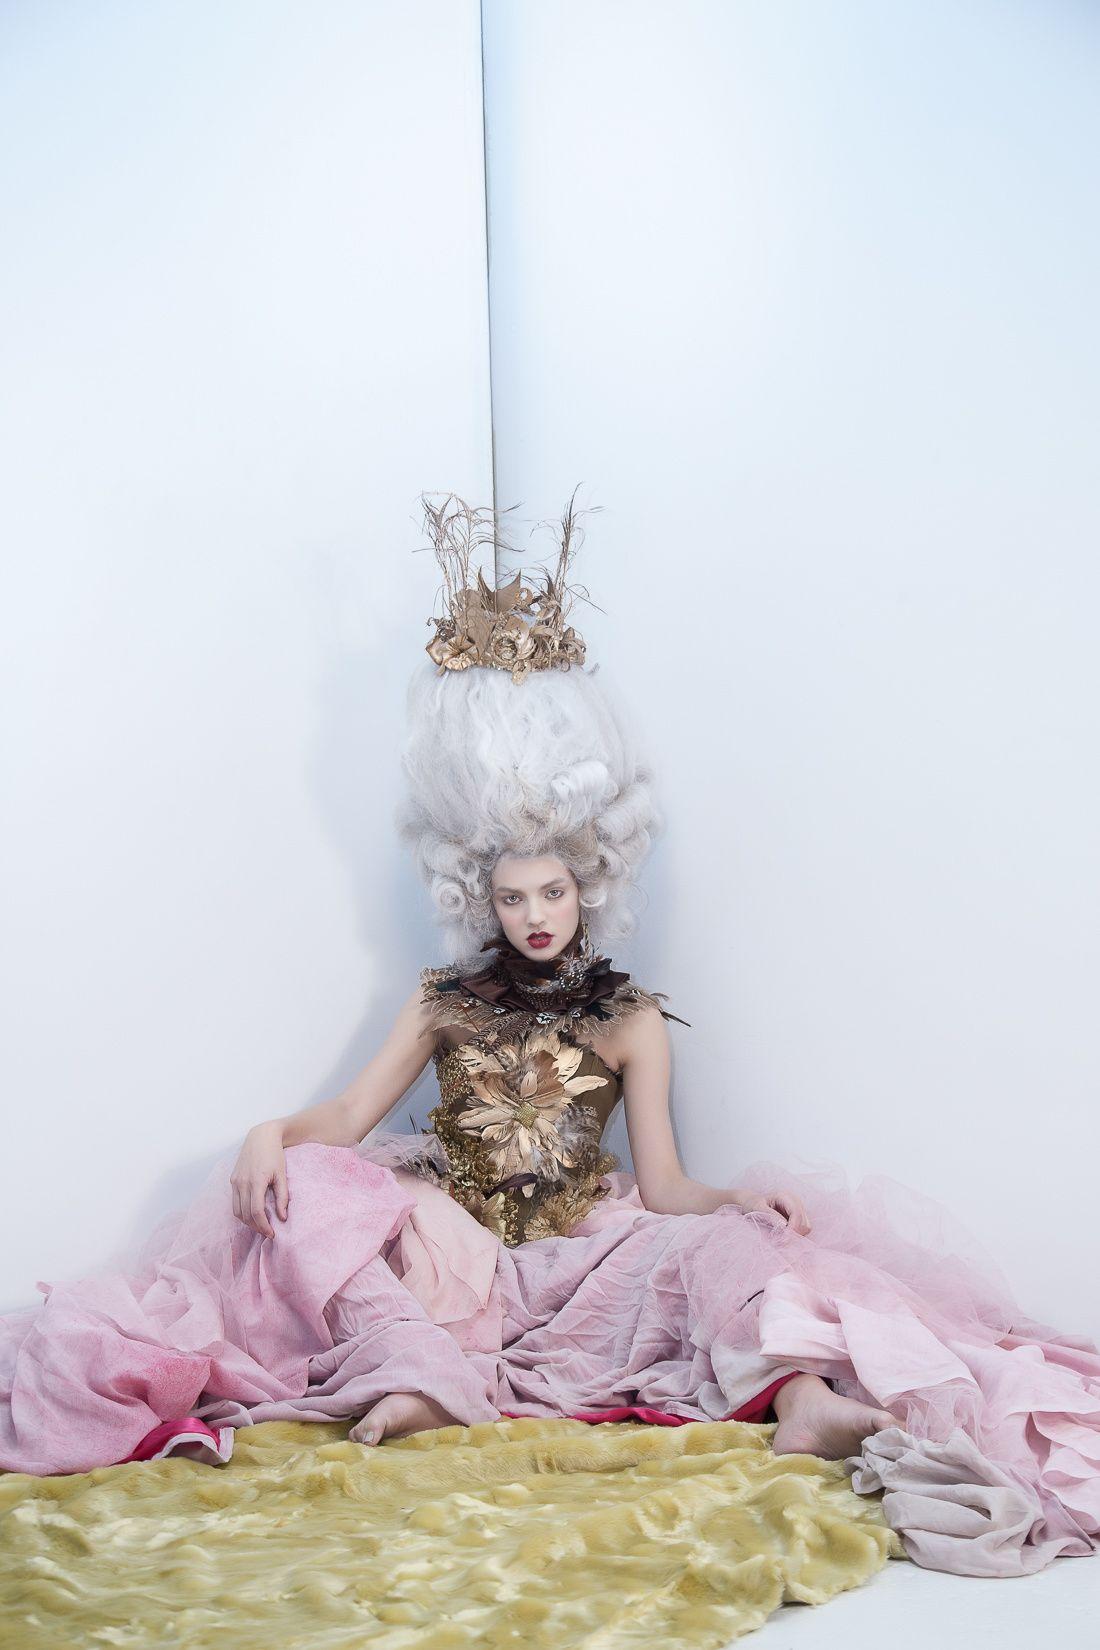 Michelle Aristocrat Toronto Fashion Photographer and Creative Director - Gavarcia 'Couture'